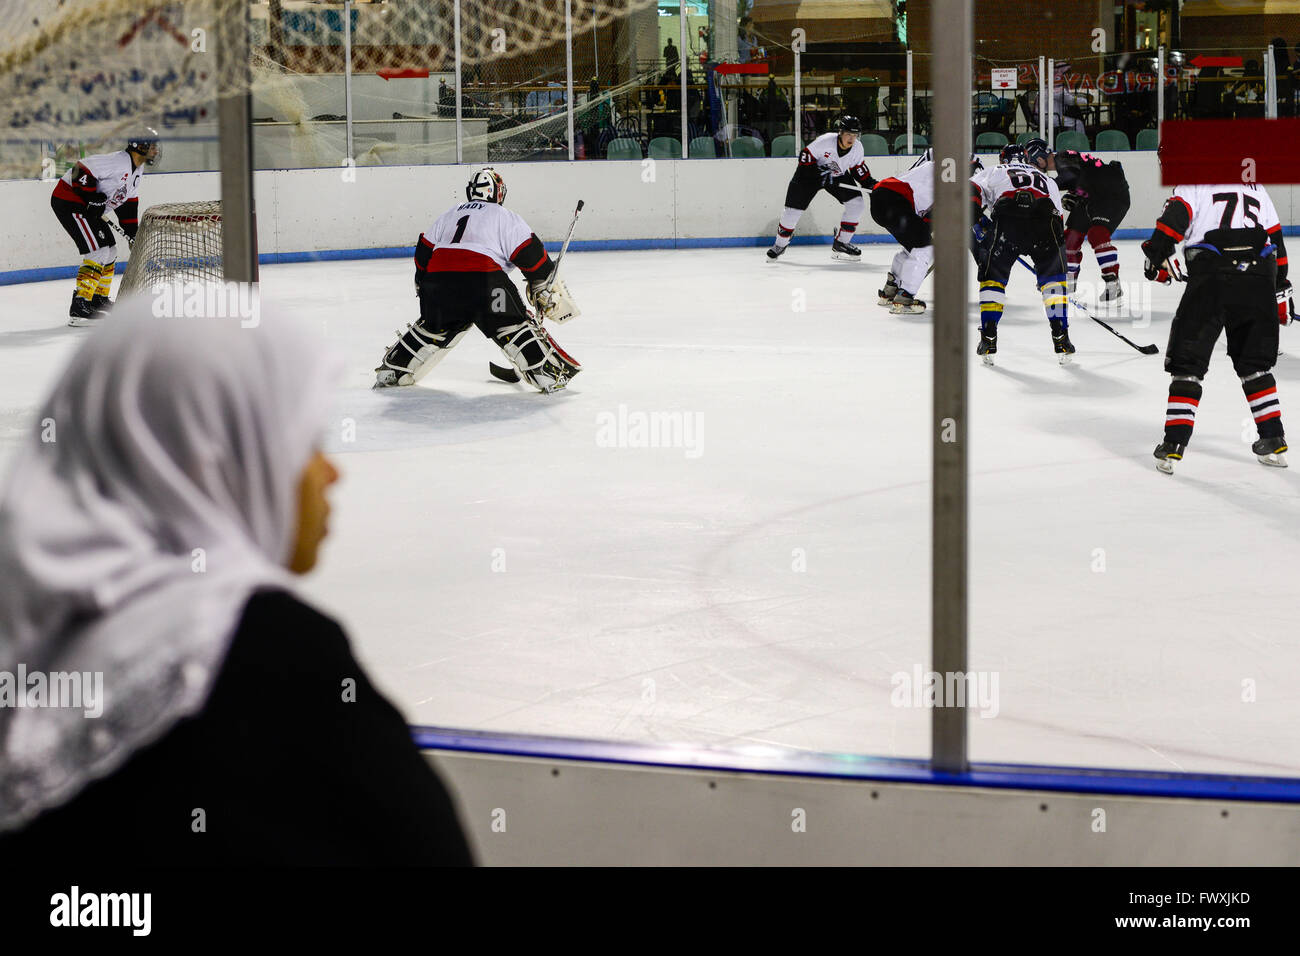 Il Qatar Doha, aspirano Zona, Villaggio Mall shopping mall con il pattinaggio su ghiaccio, hockey su ghiaccio / Immagini Stock